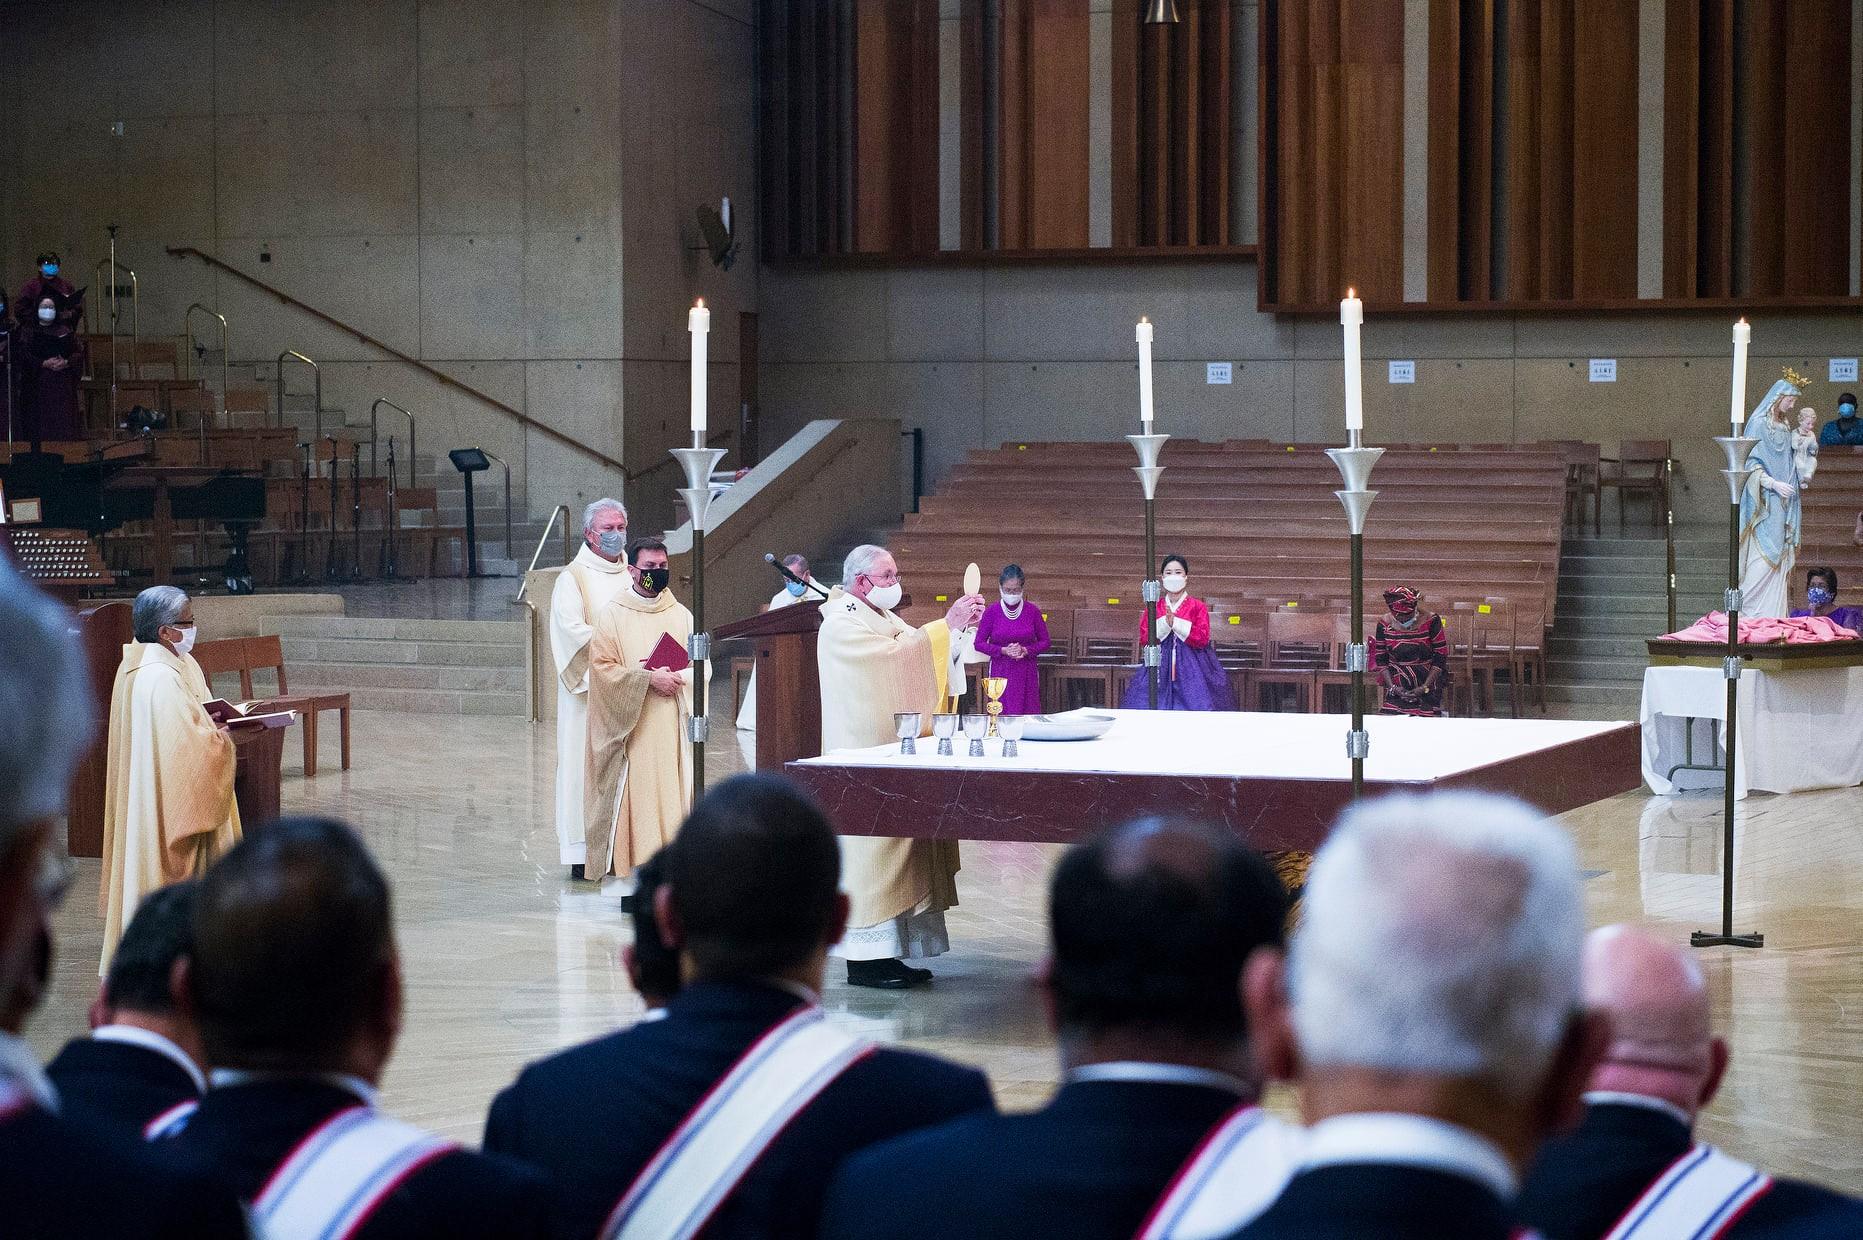 SEAMOS CONSCIENTES DE LA PRESENCIA DE LOS ÁNGELES Por Monseñor José H. Gomez